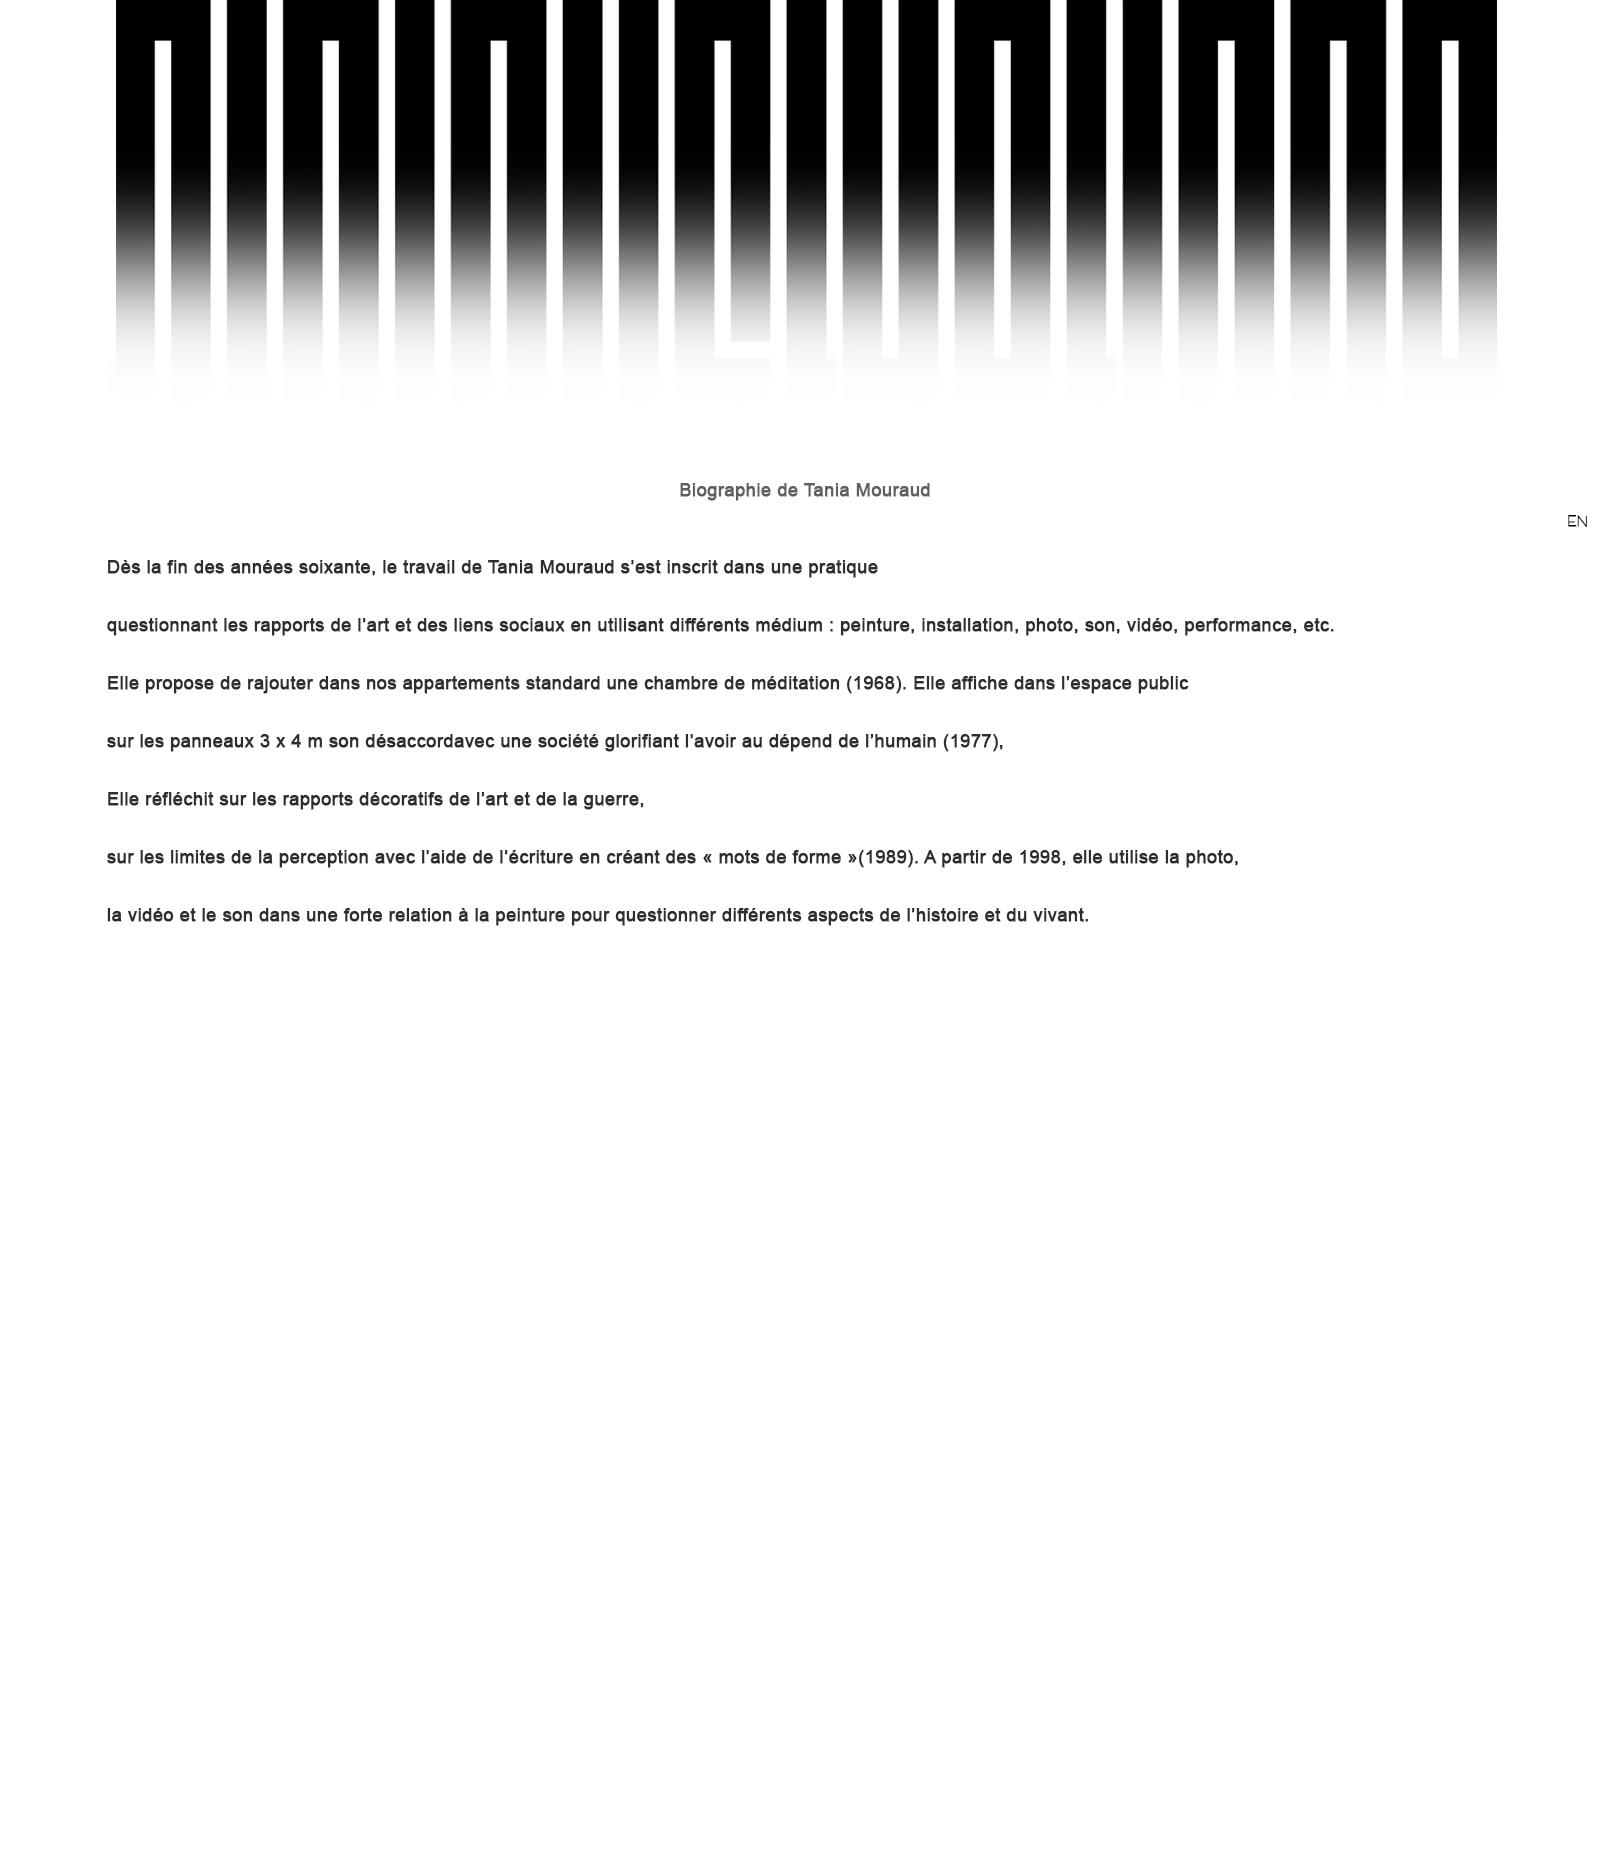 tania_bio_fr.jpg